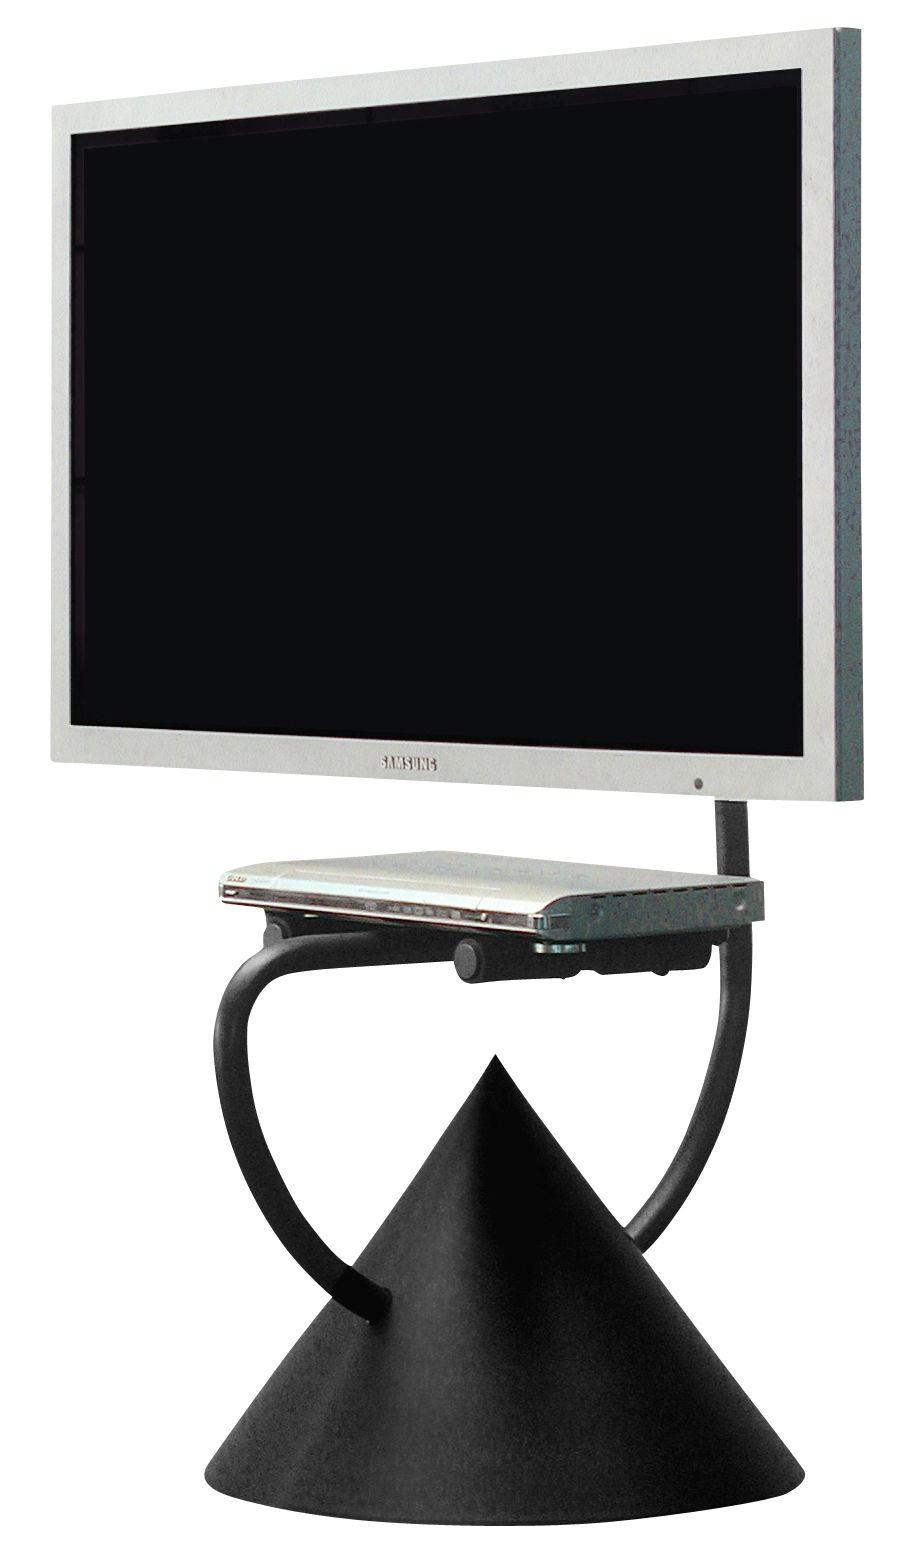 Meuble tv hzps support universel pour cran plat noir - Meuble tv support ecran ...